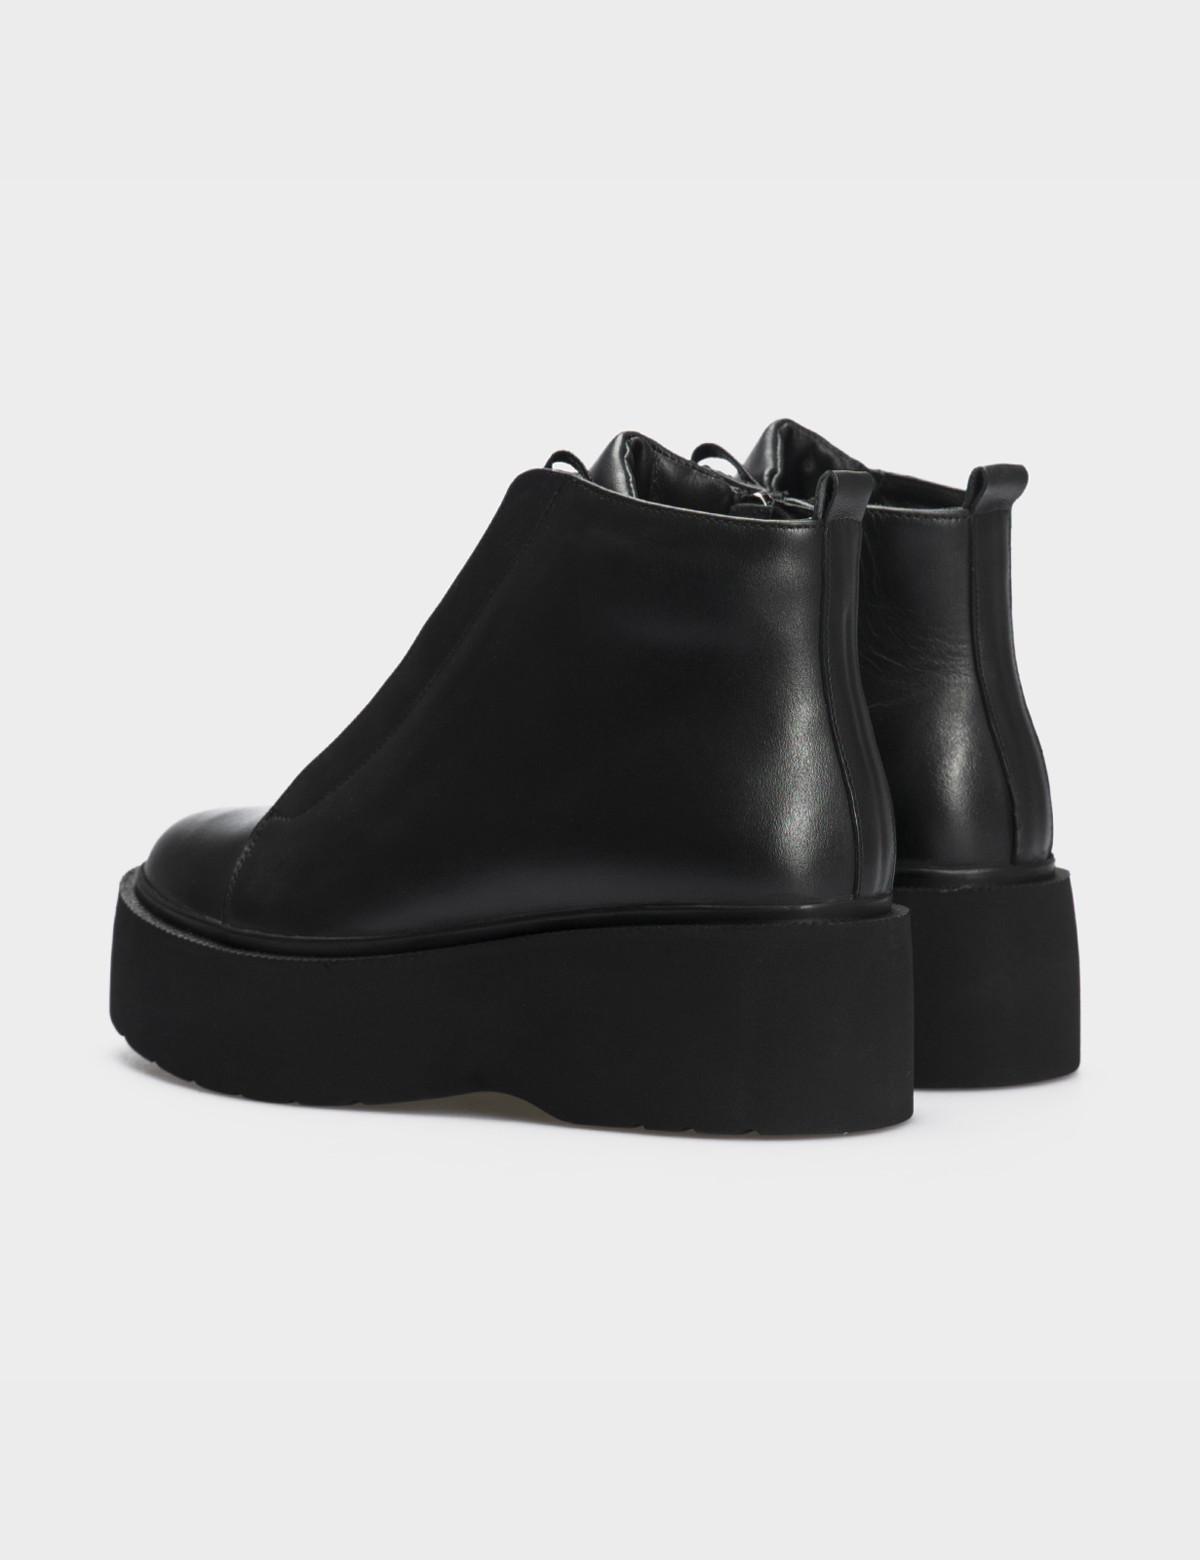 Ботинки черные натуральная кожа. Байка3